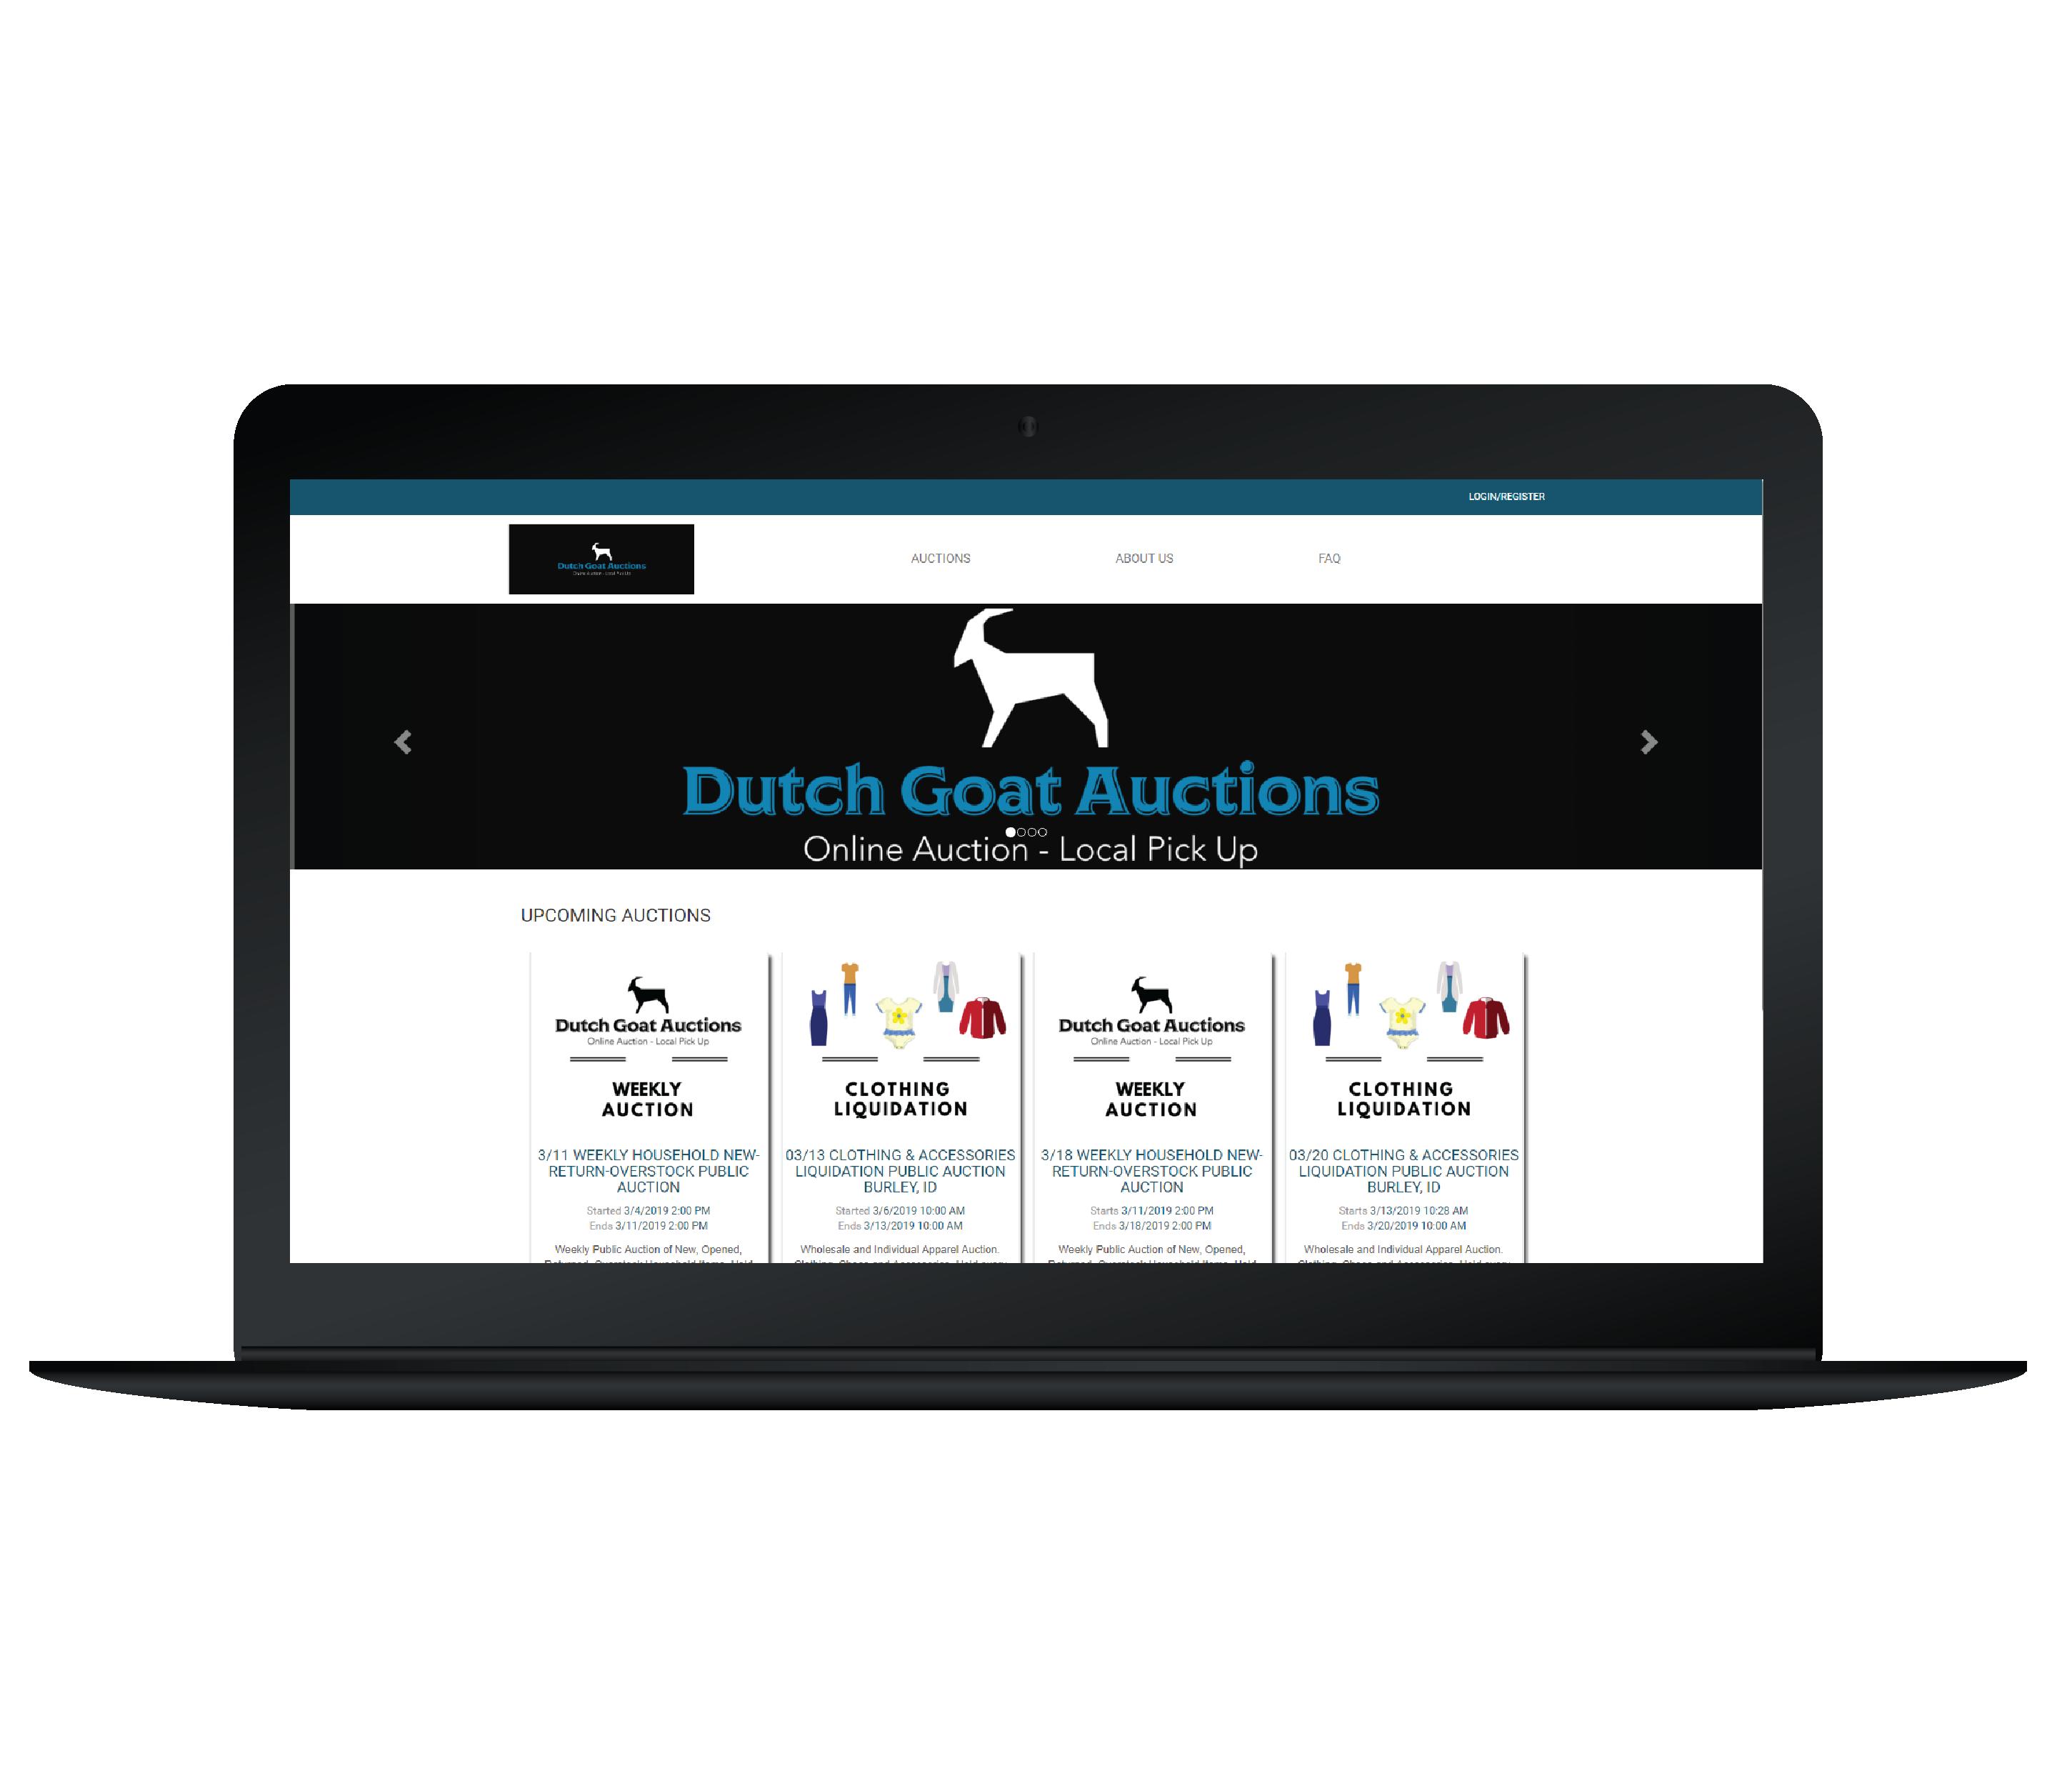 Dutch Goat Auctions